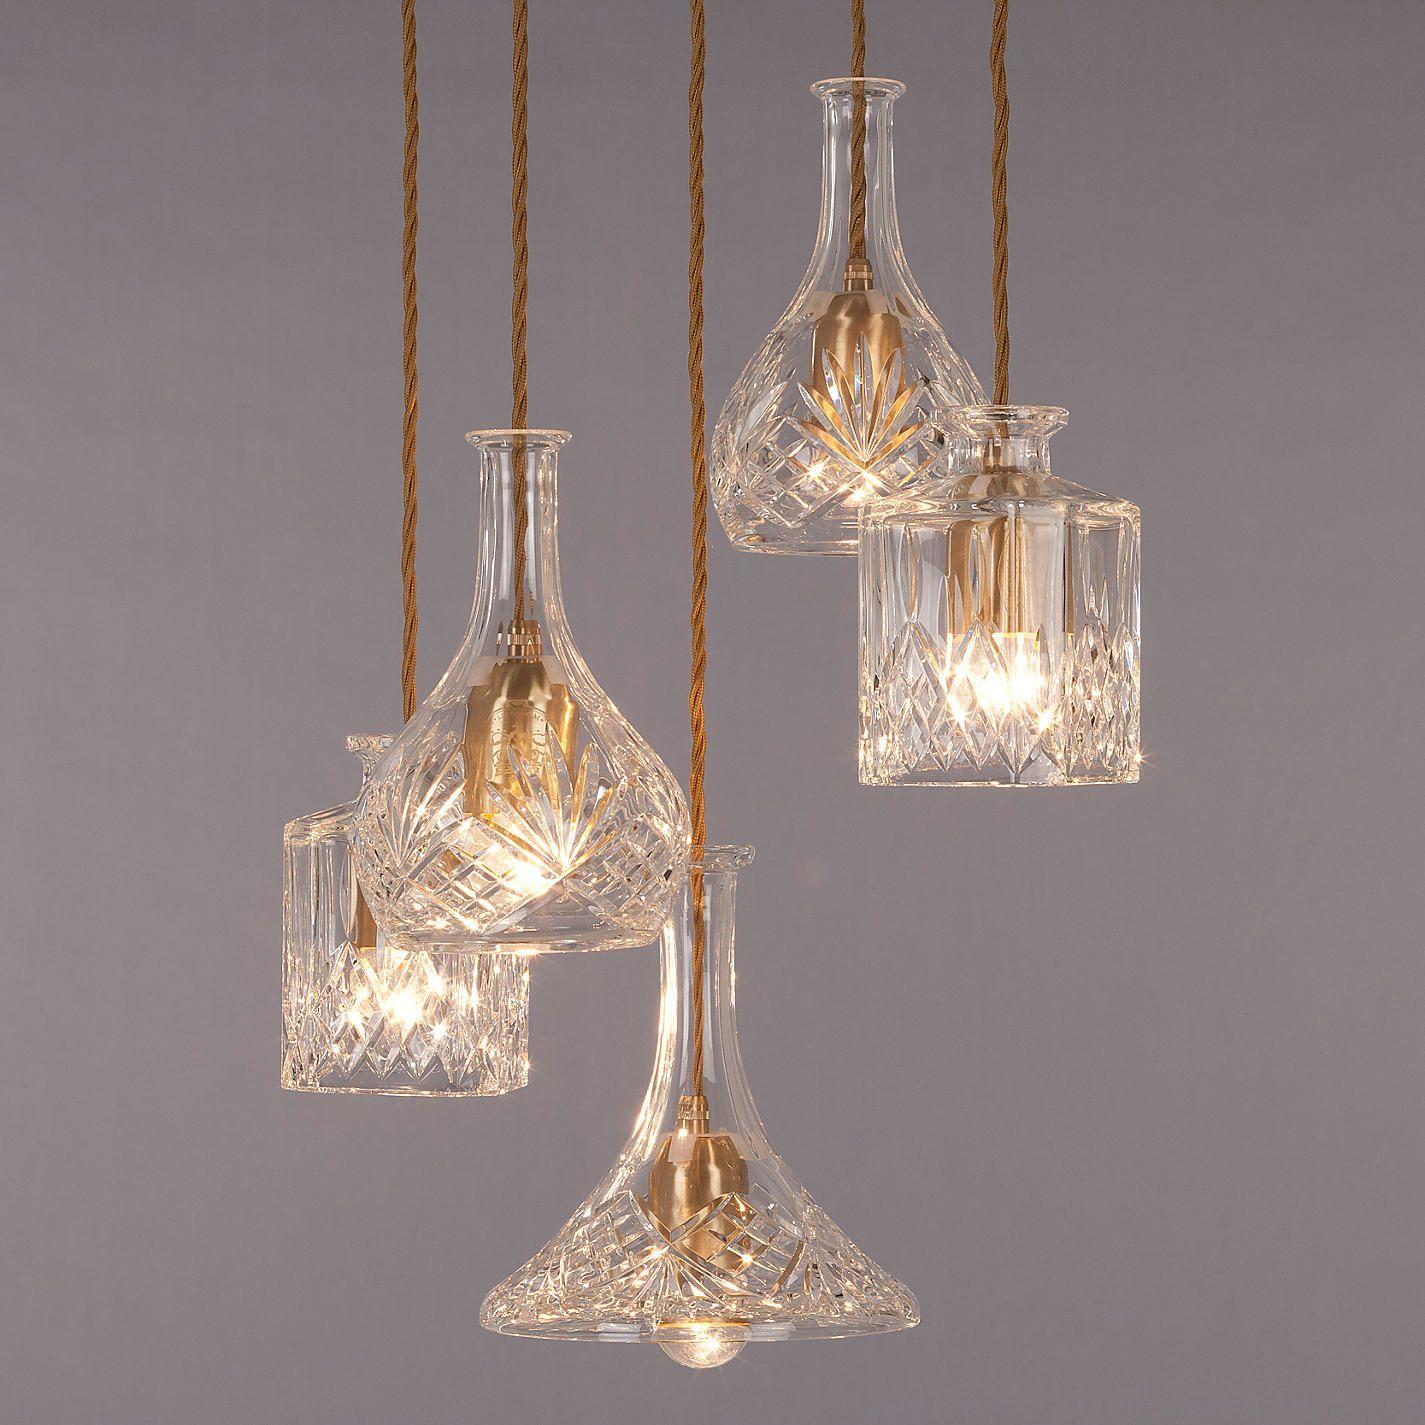 Lee broom decanter chandelier decanter chandeliers and john lewis lee broom decanter chandelier arubaitofo Gallery